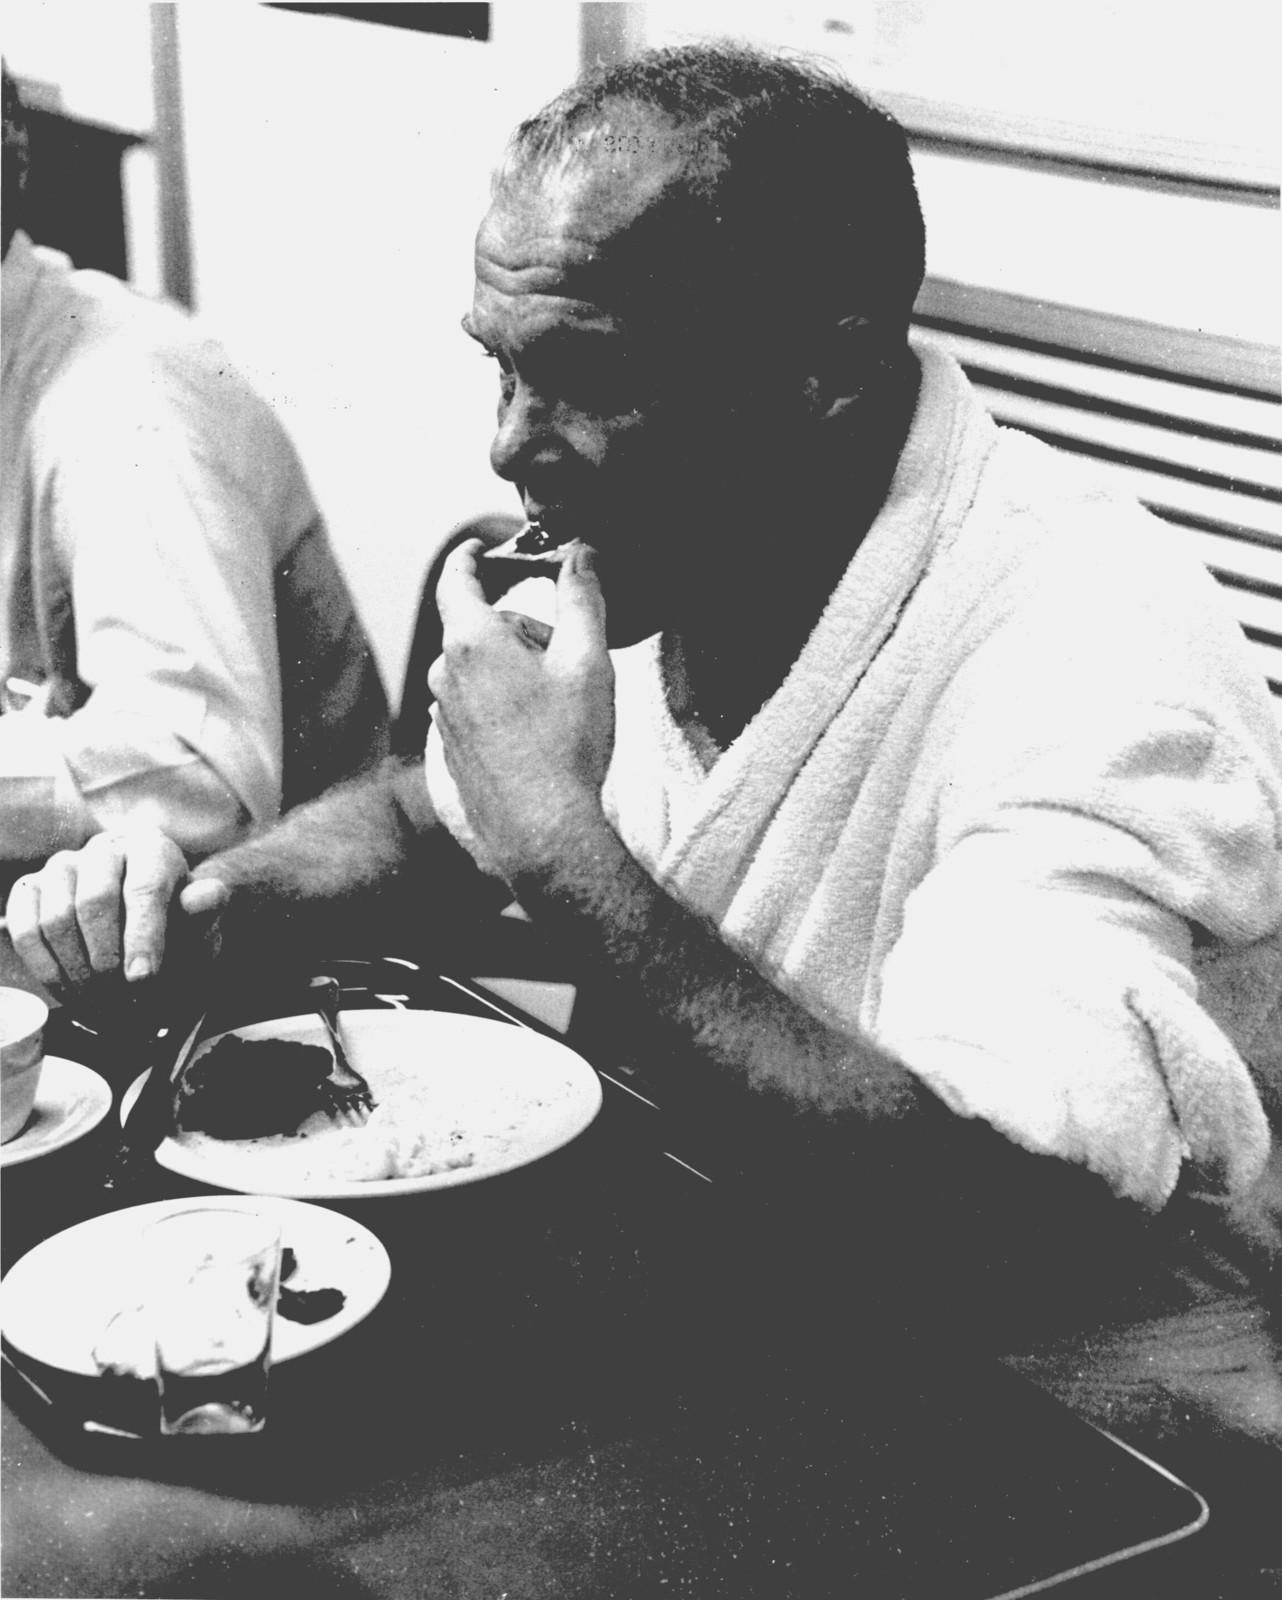 Photograph of Astronaut John H. Glenn, Jr. Eating in Crew's Quarters